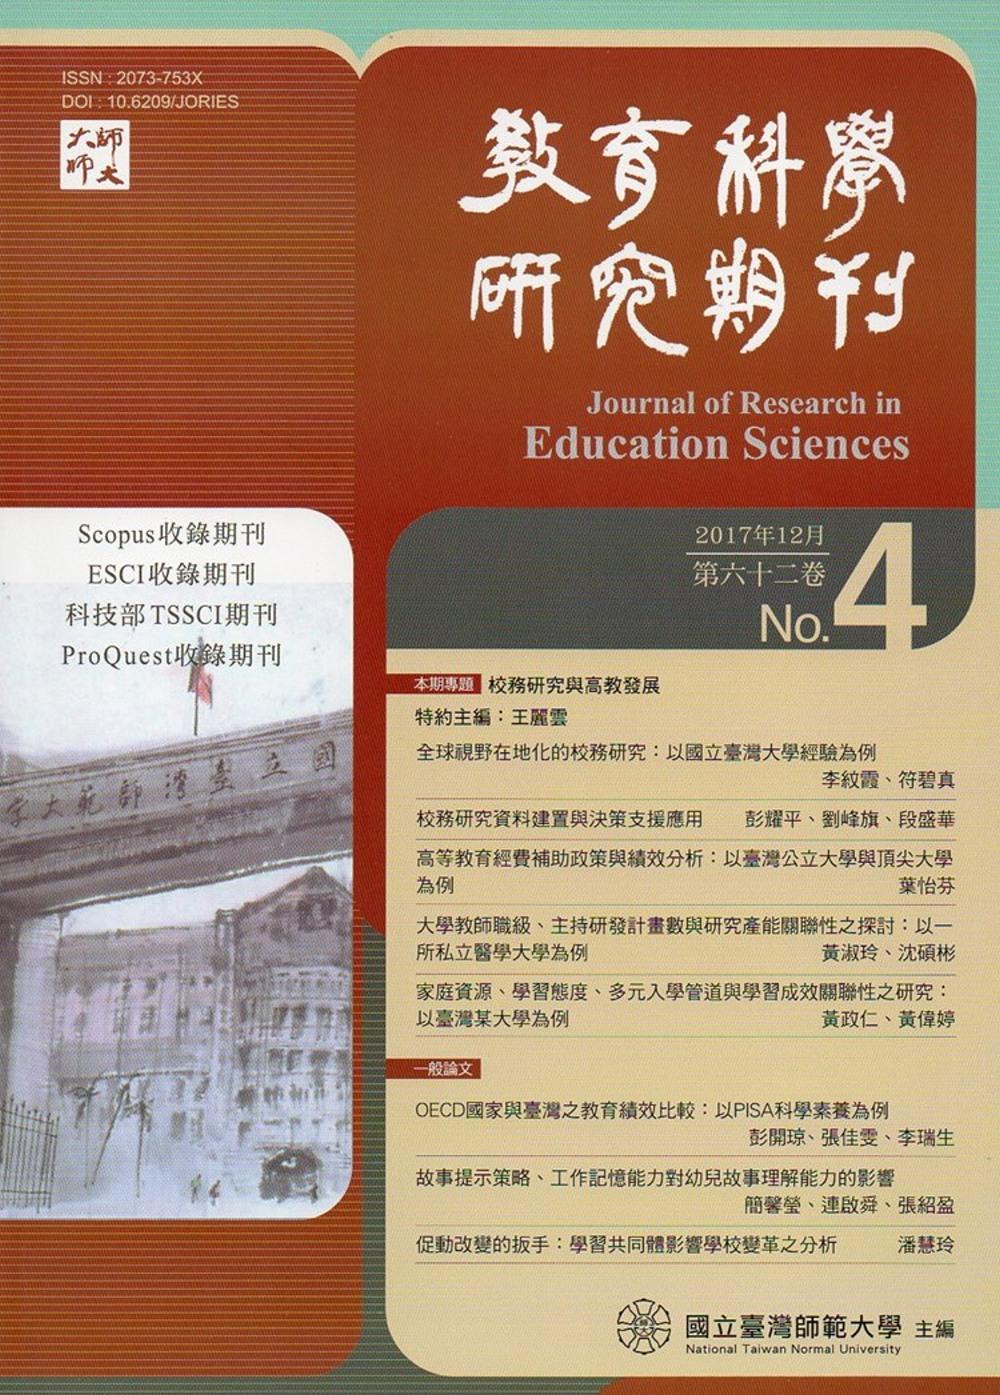 教育科學研究期刊第62卷第4期-2017.12